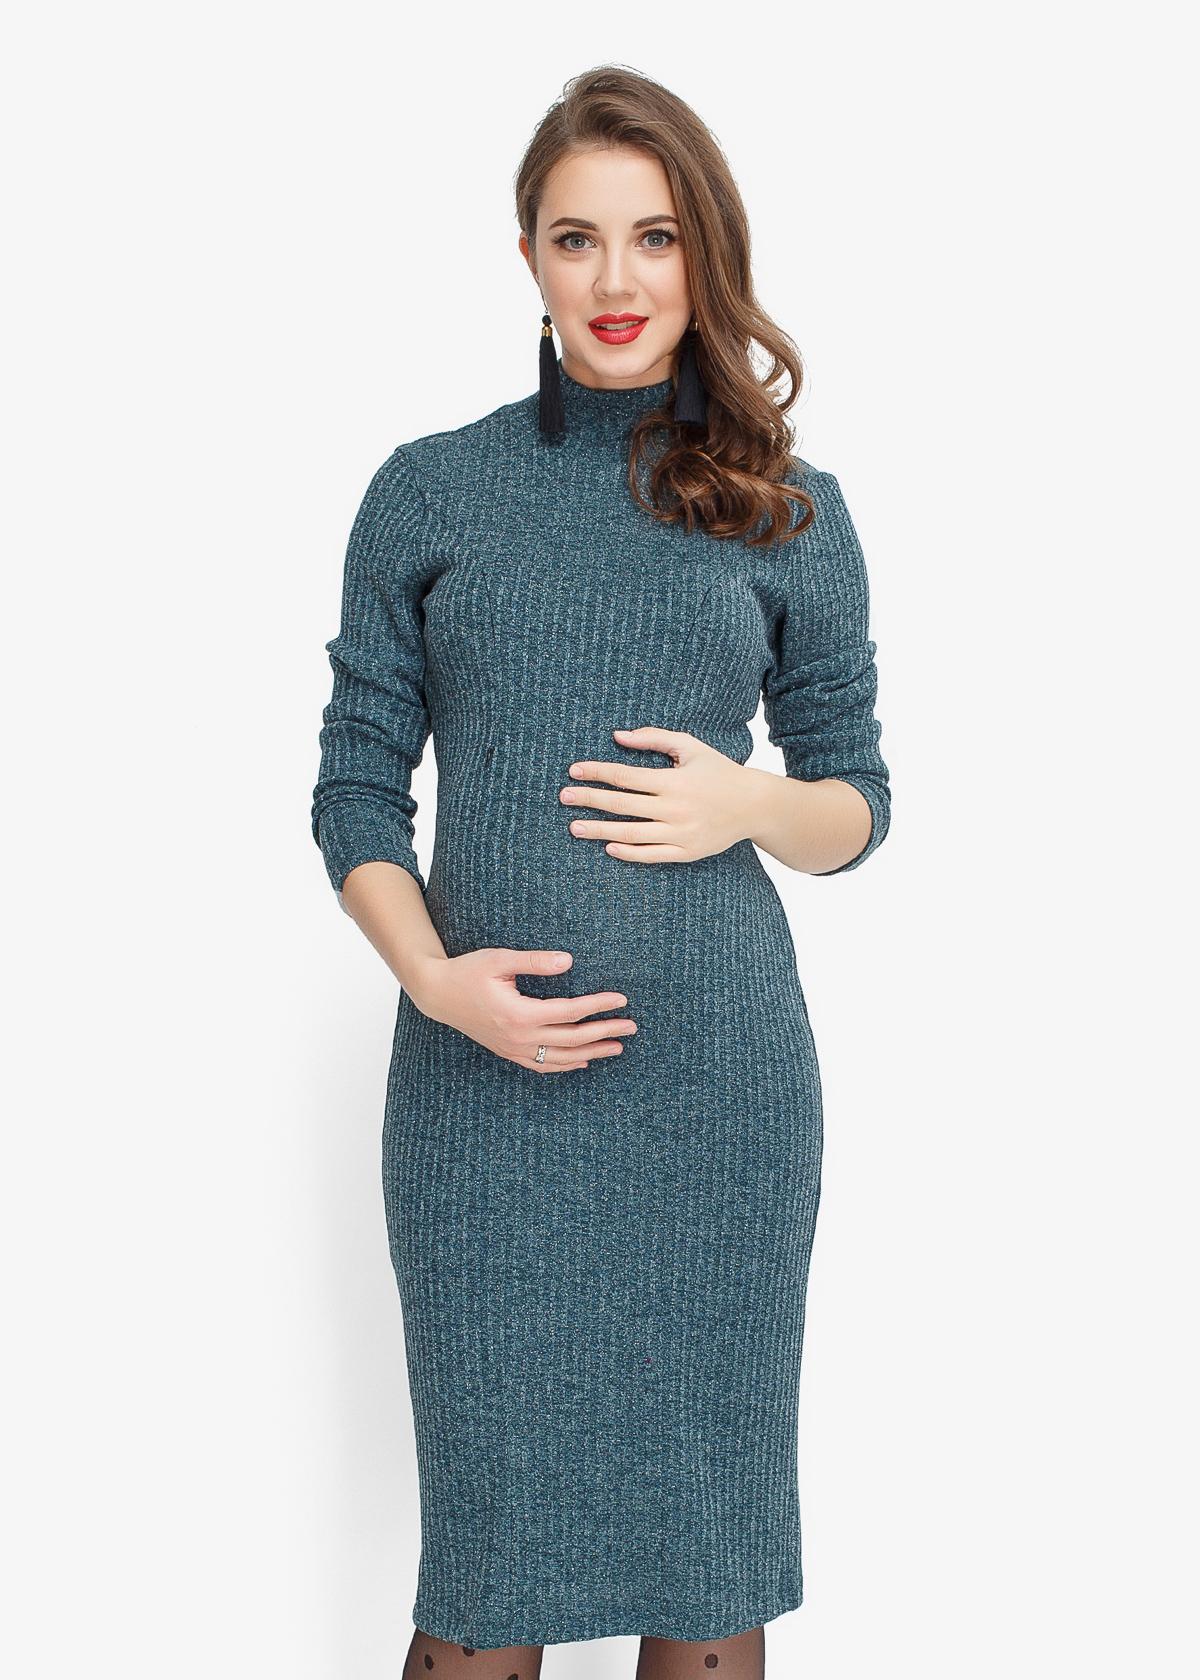 Фото: красивое платье для будущих мам GRENNY